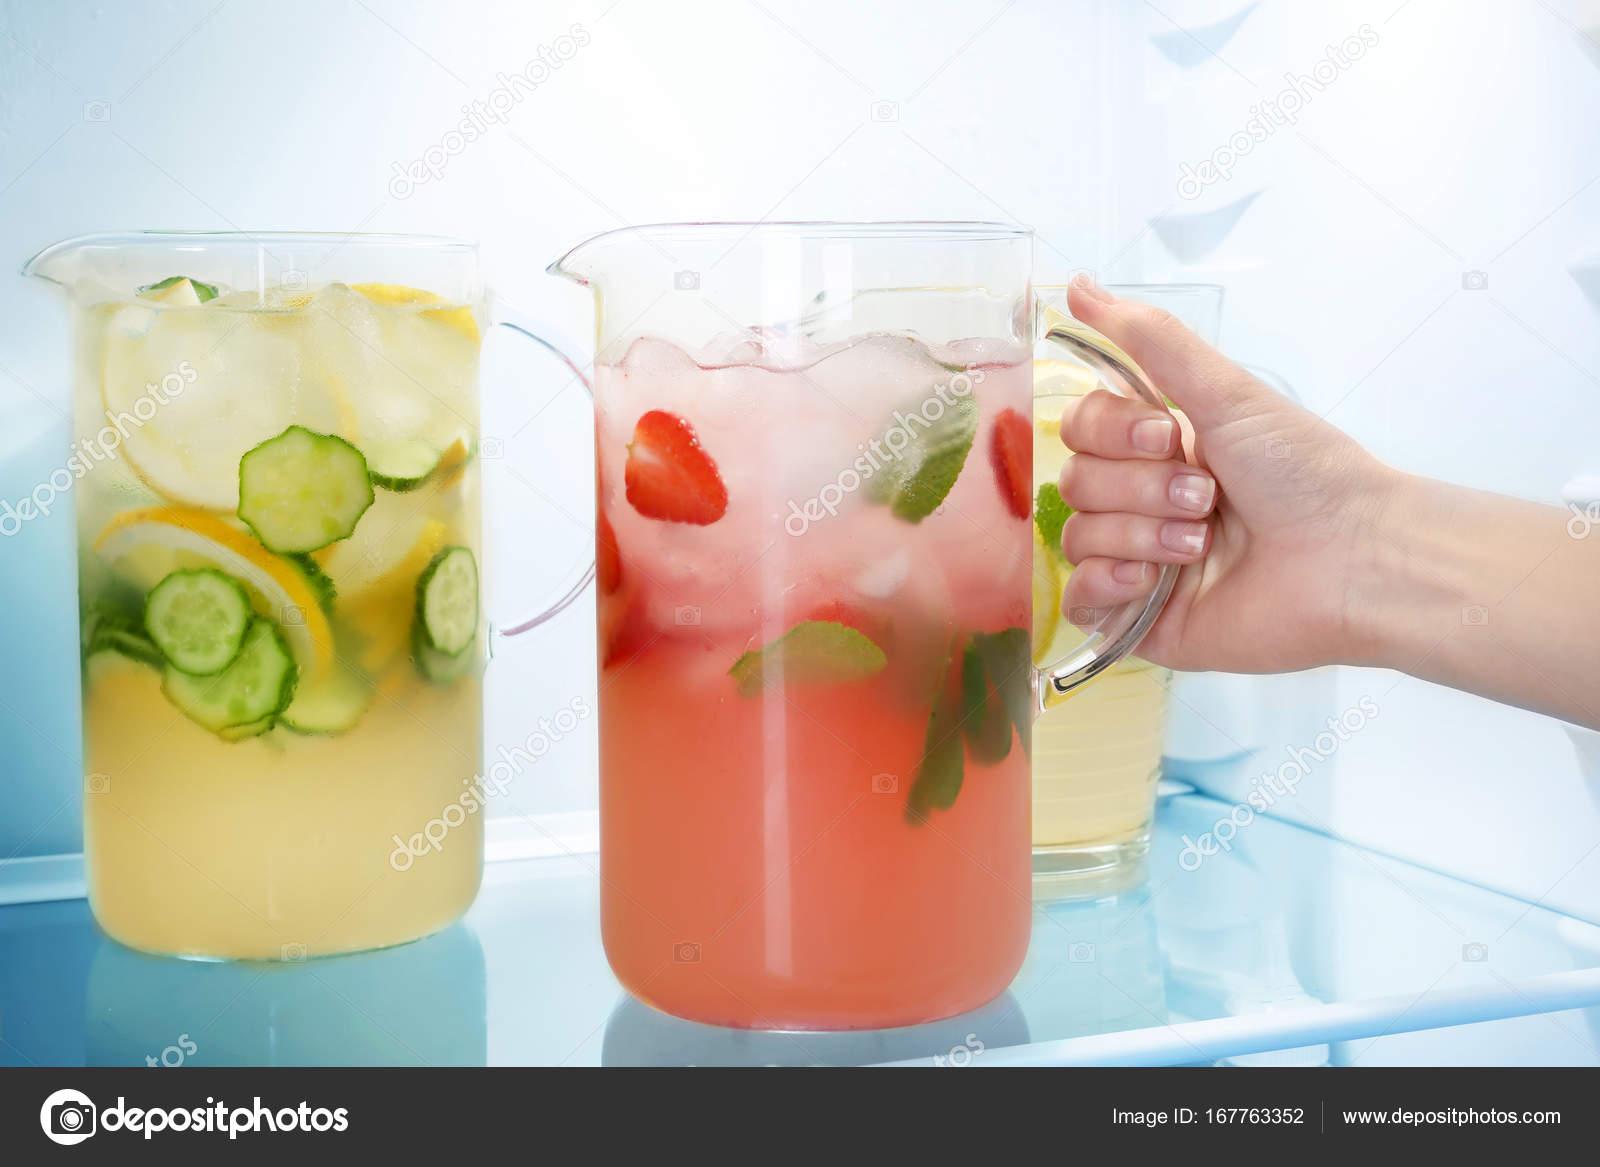 Kühlschrank Krug : Frau nehmen krug erdbeer limonade aus kühlschrank u2014 stockfoto